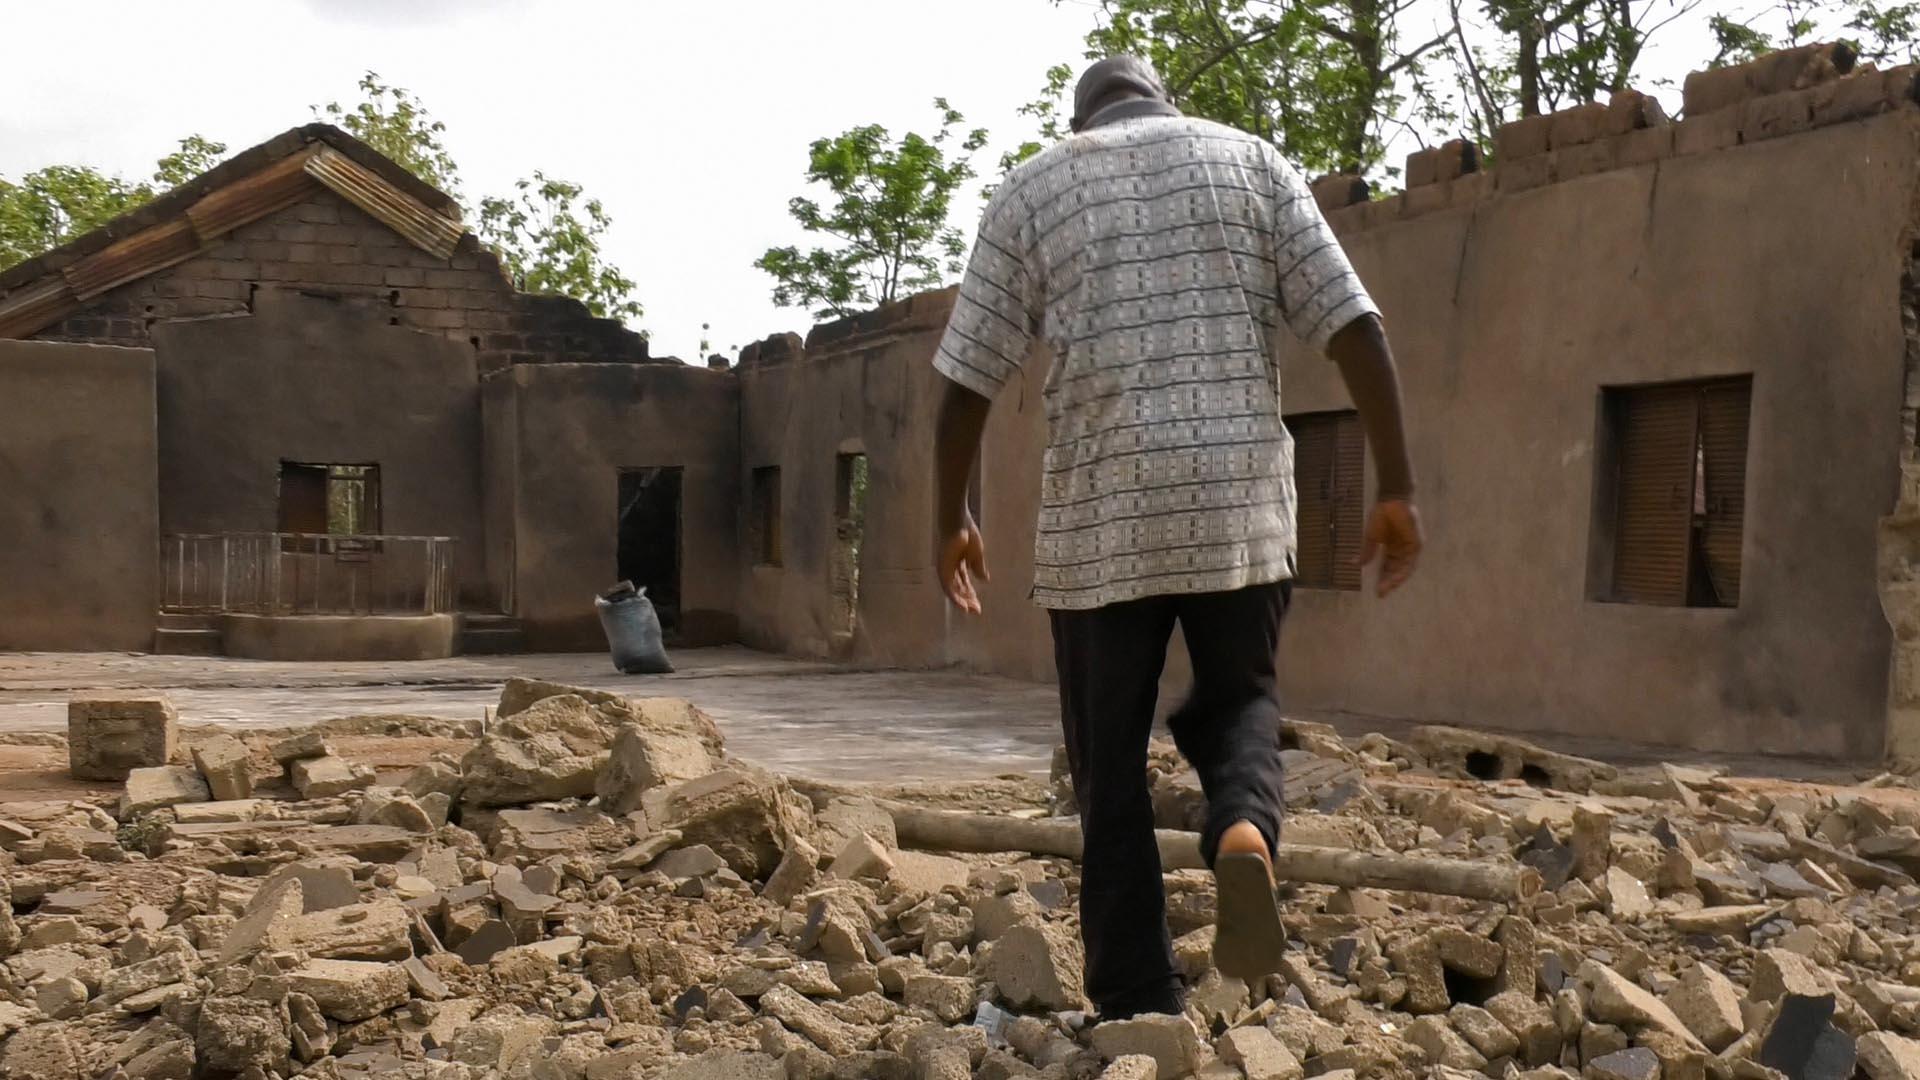 Ein nigerianischer Pastor in den Trümmern seiner Kirche. Im Norden des westafrikanischen Landes sucht unter anderem die islamistische Terrormiliz Boko Haram die Bevölkerung heim.